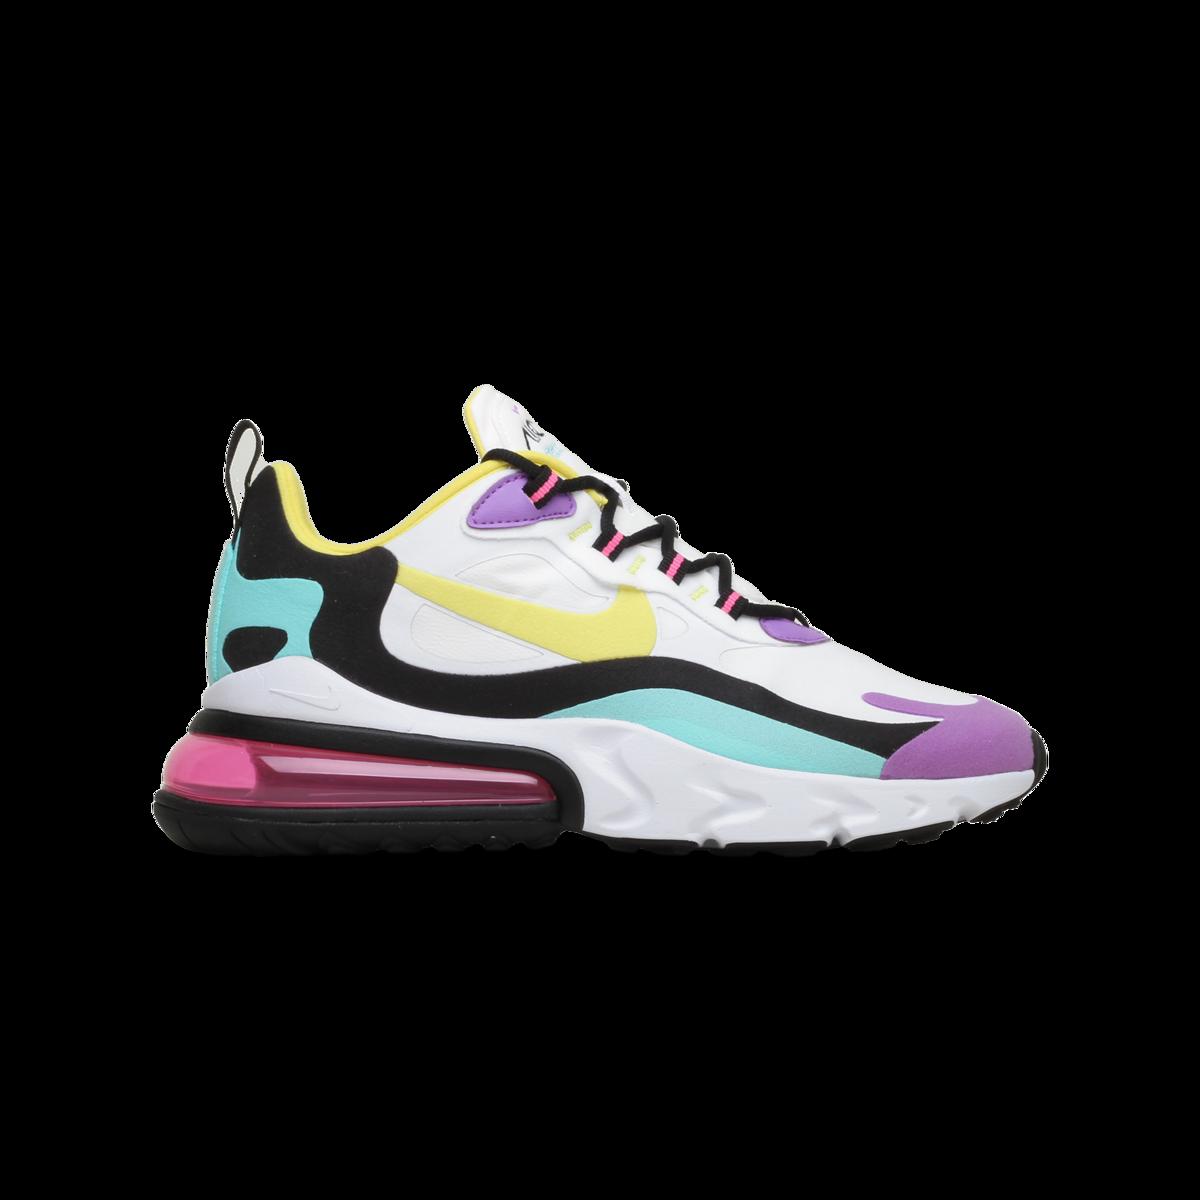 best website 598f0 93d6e Køb dine nye Nike Air Max sneakers online på Rezetstore.dk